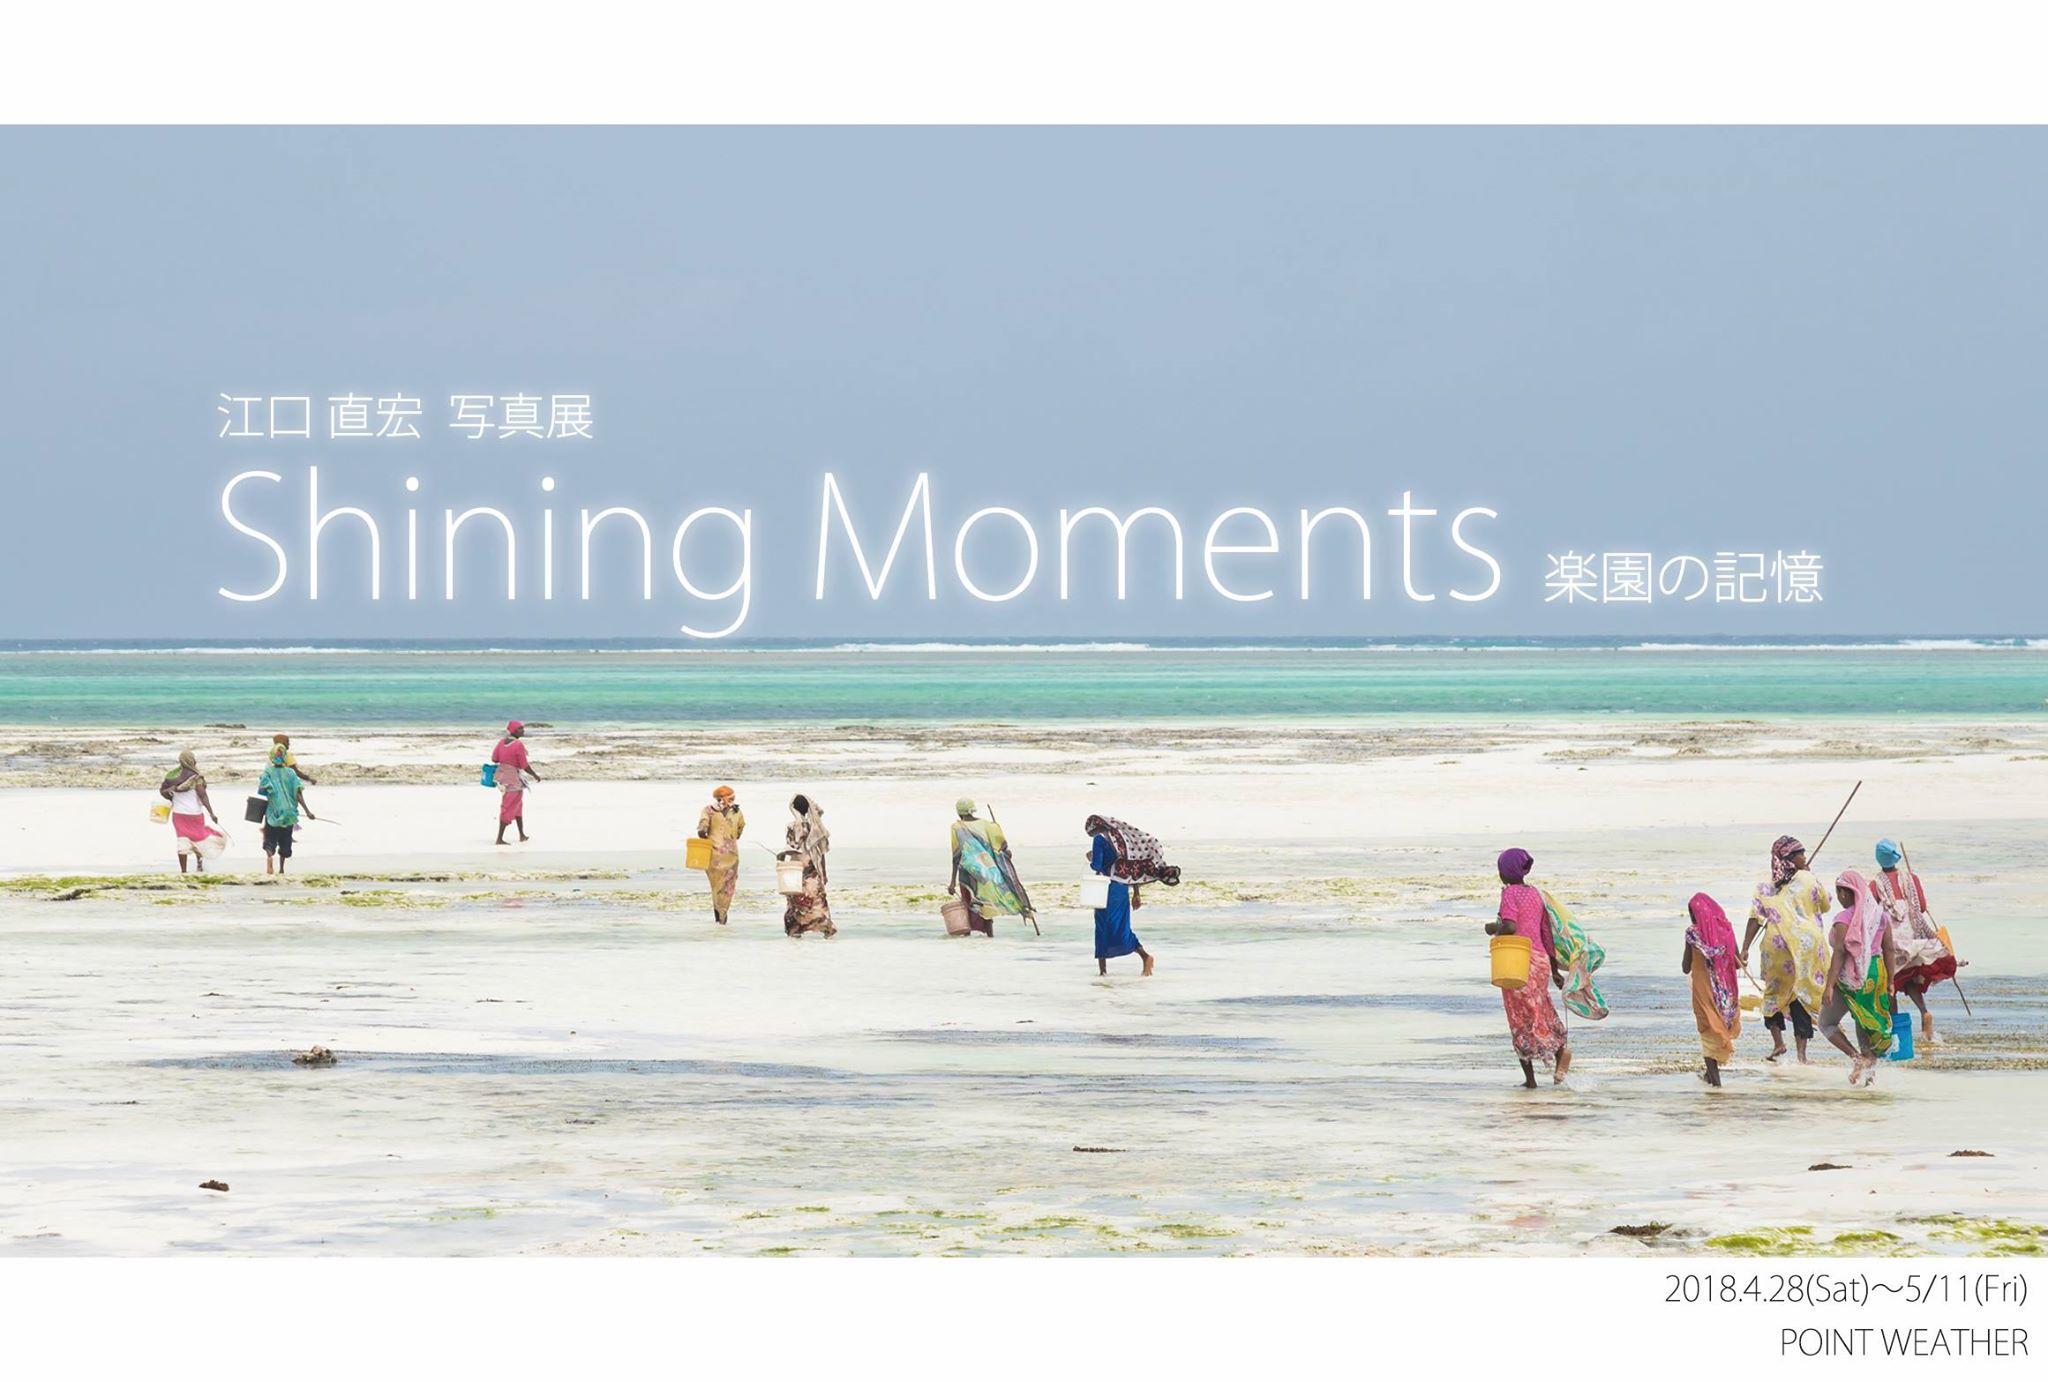 Shining Moments 写真の展示のお知らせです